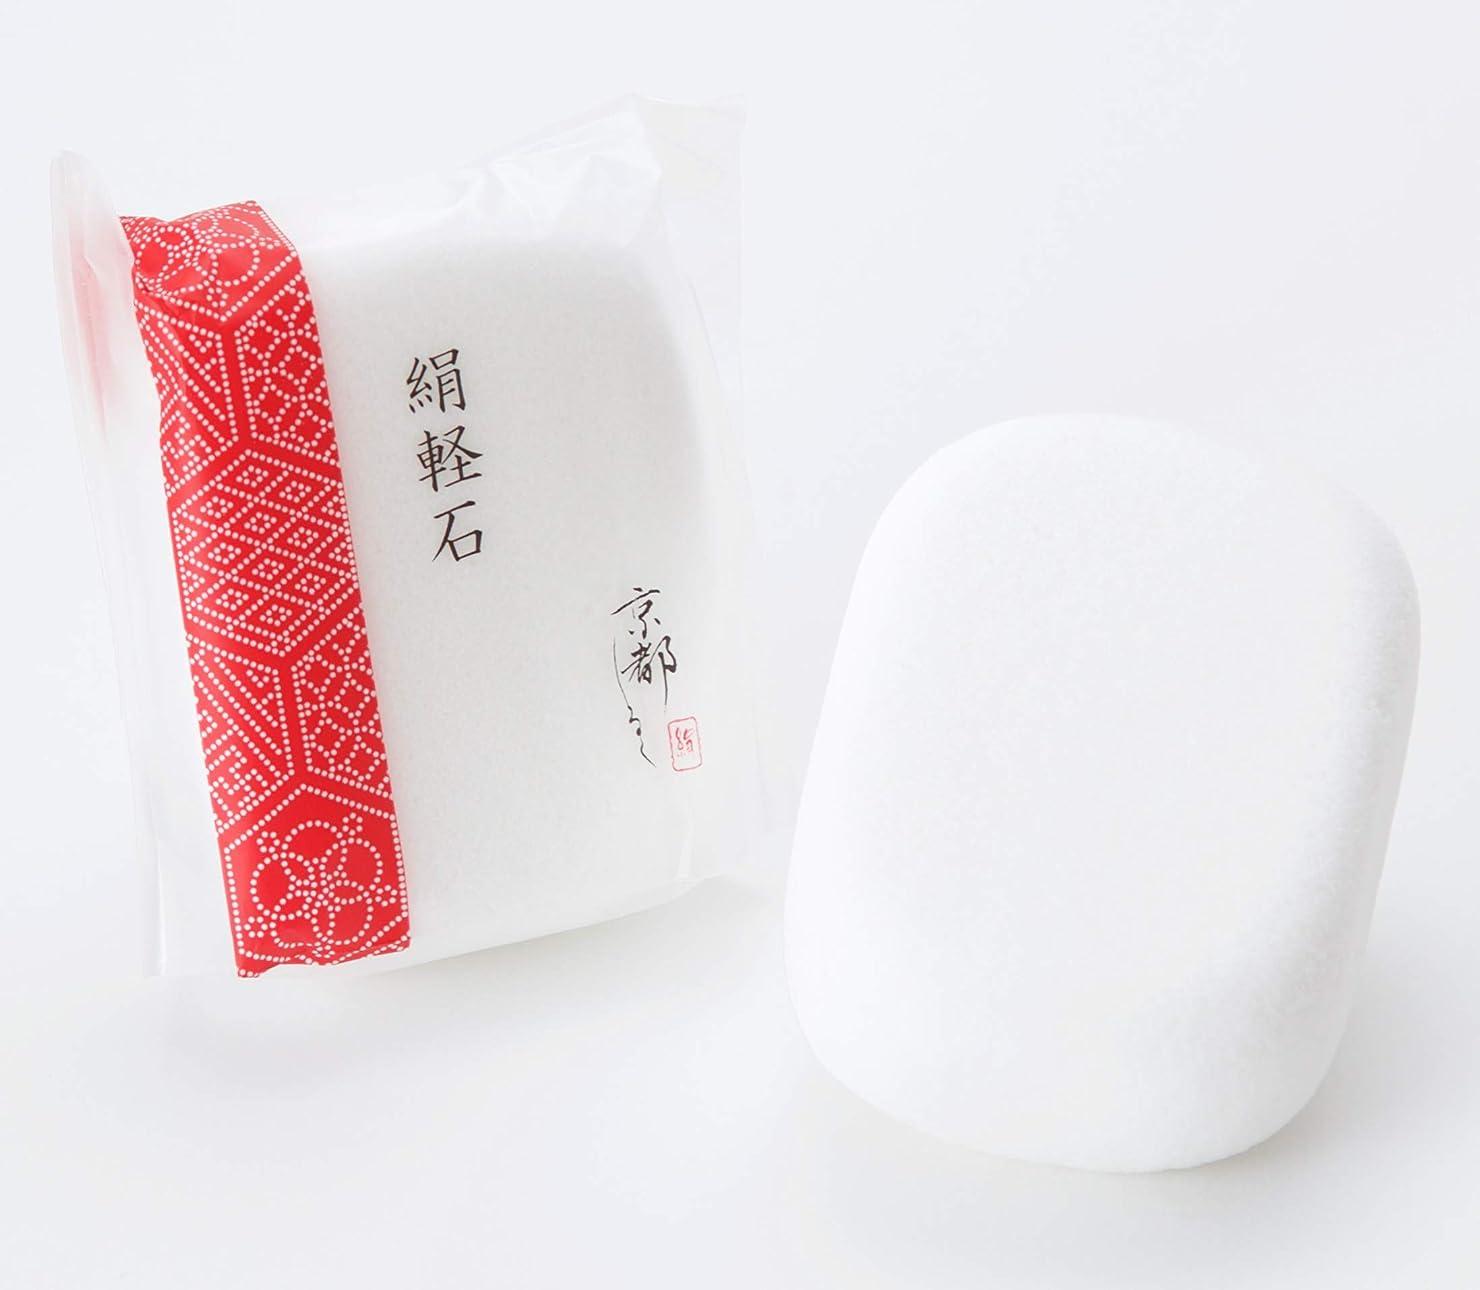 罹患率メトリック病的京都しるく シルクの軽石 2個セット【保湿成分シルクパウダー配合】/かかとの角質を落としてツルツル素足に 絹軽石 かかとキレイ かかとつるつる